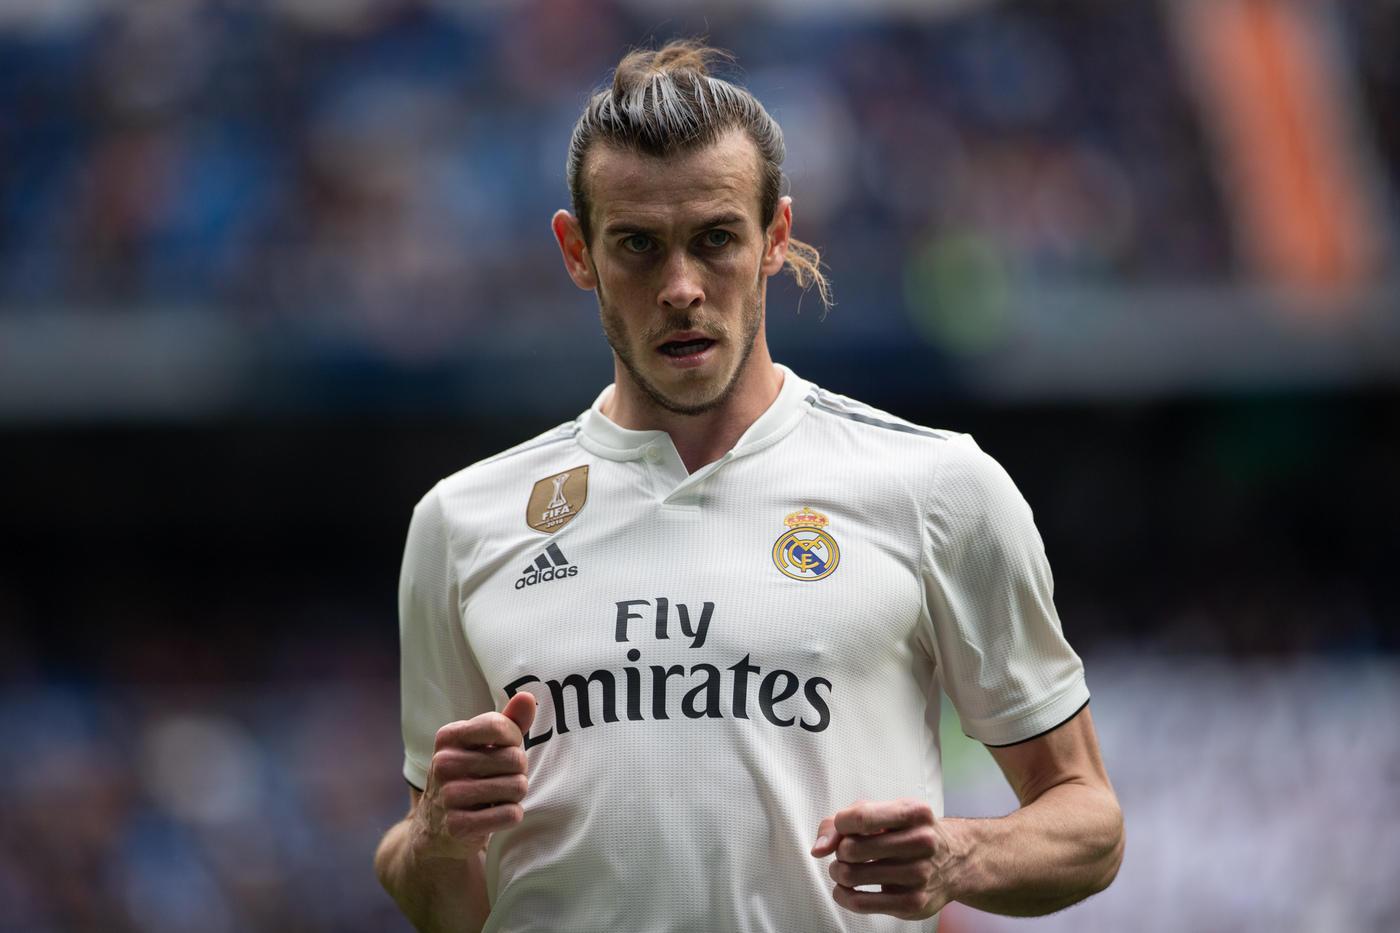 Gareth Bale ha un sosia in un suo ex compagno al Tottenham...